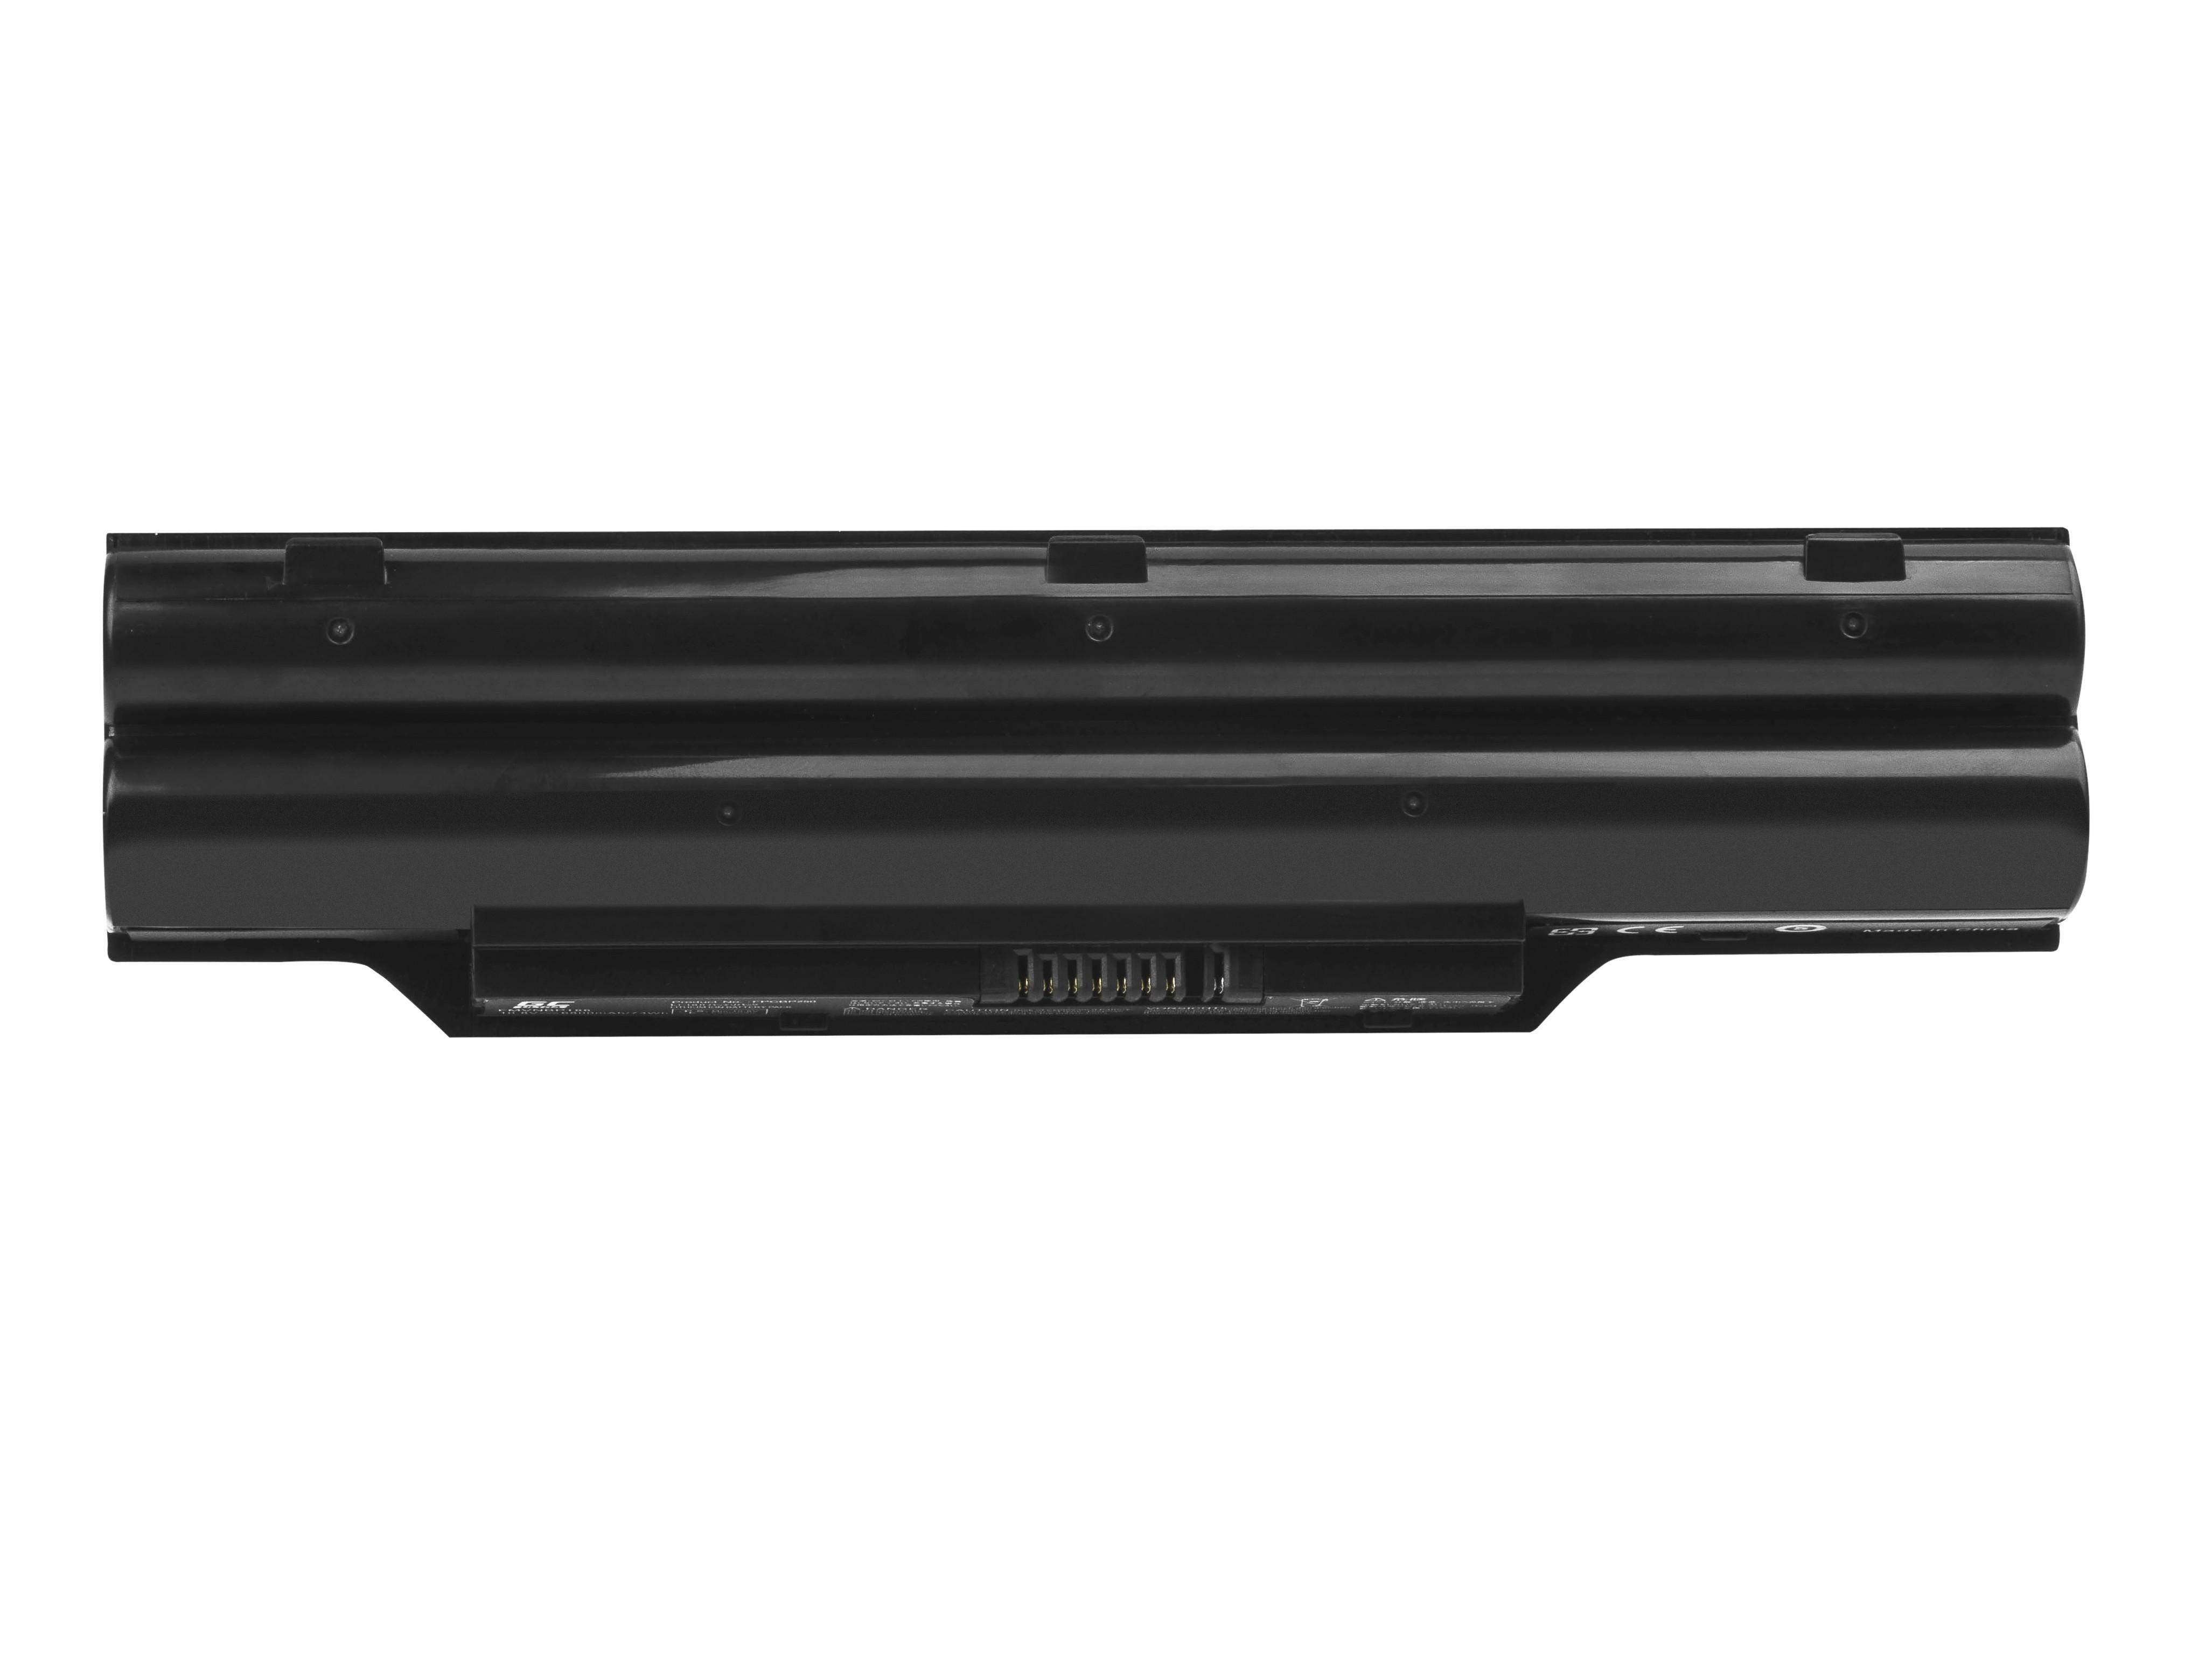 Bärbar dator Batteri ULTRA FPCBP250 för Fujitsu-Siemens LifeBook A530 A531 AH530 AH531